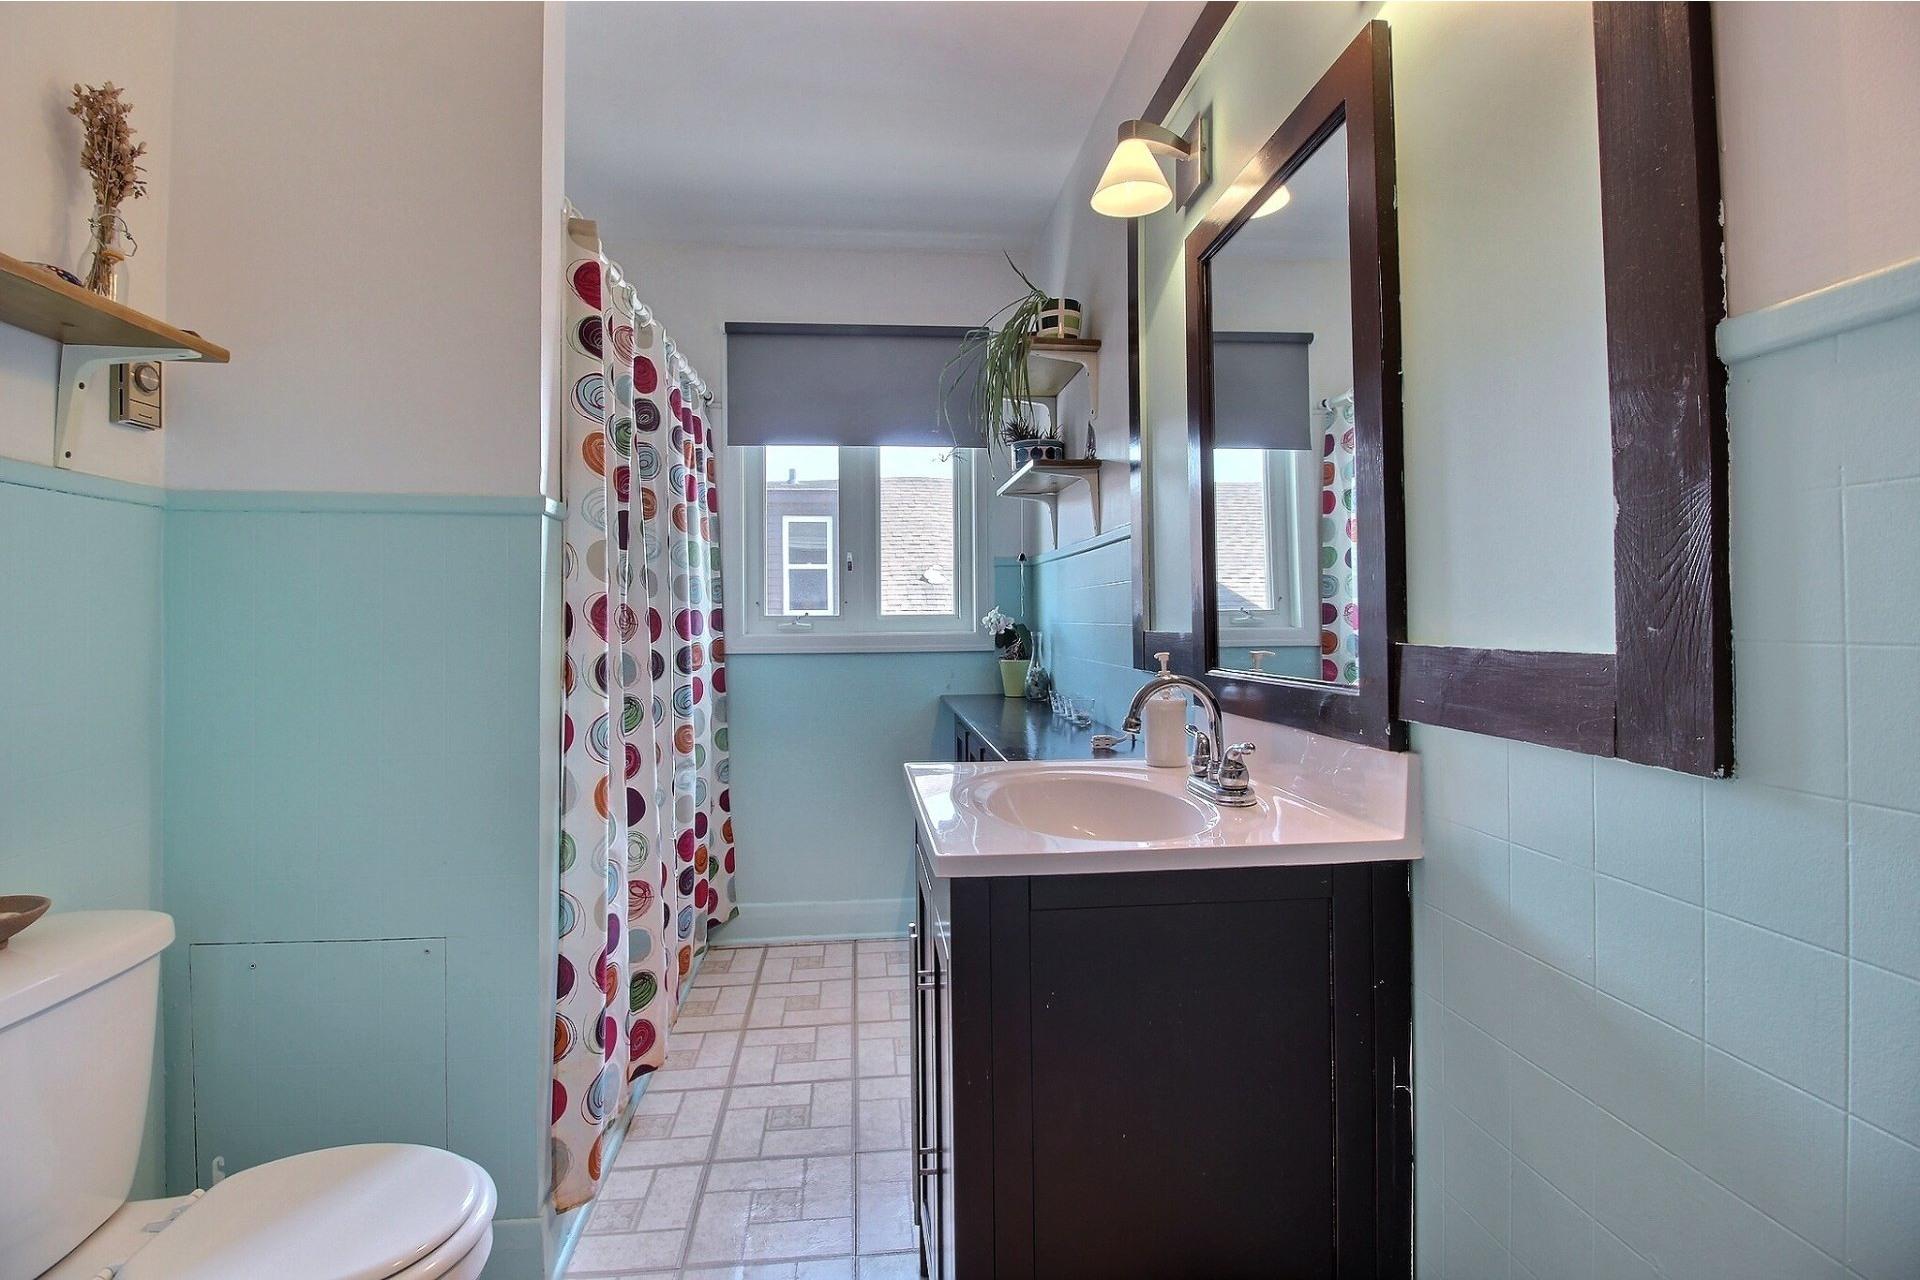 image 12 - Duplex For sale Joliette - 5 rooms